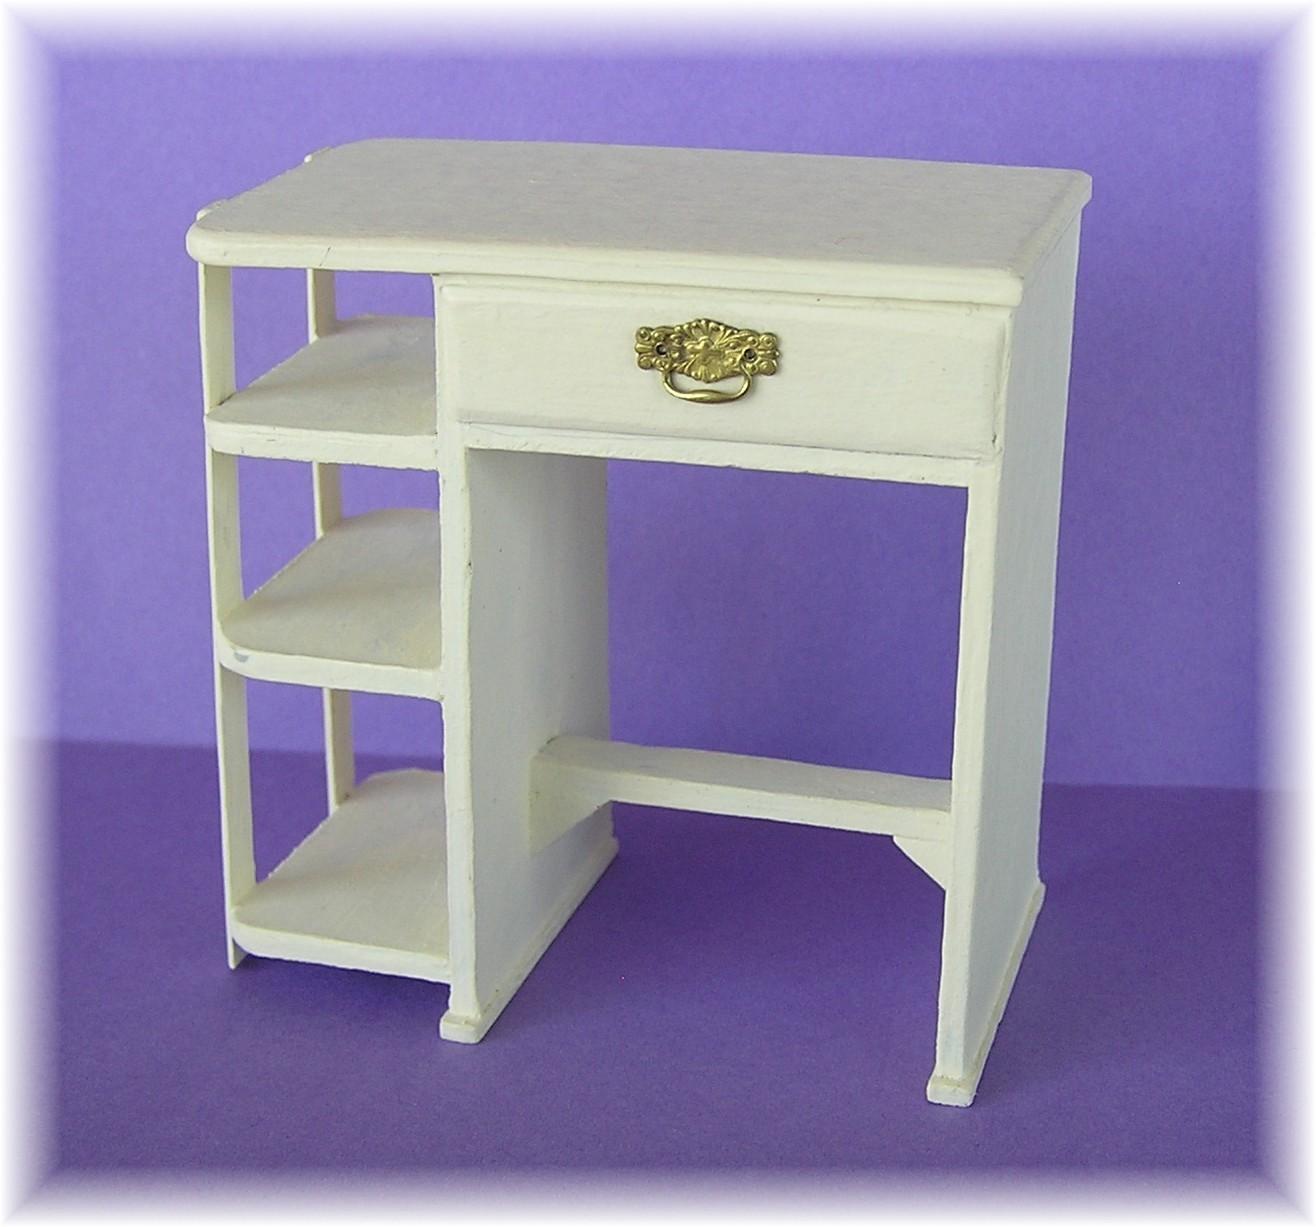 Dollhouse Miniatures Diy Tutorials: DYI DOLLHOUSE MINIATURES: February 2012